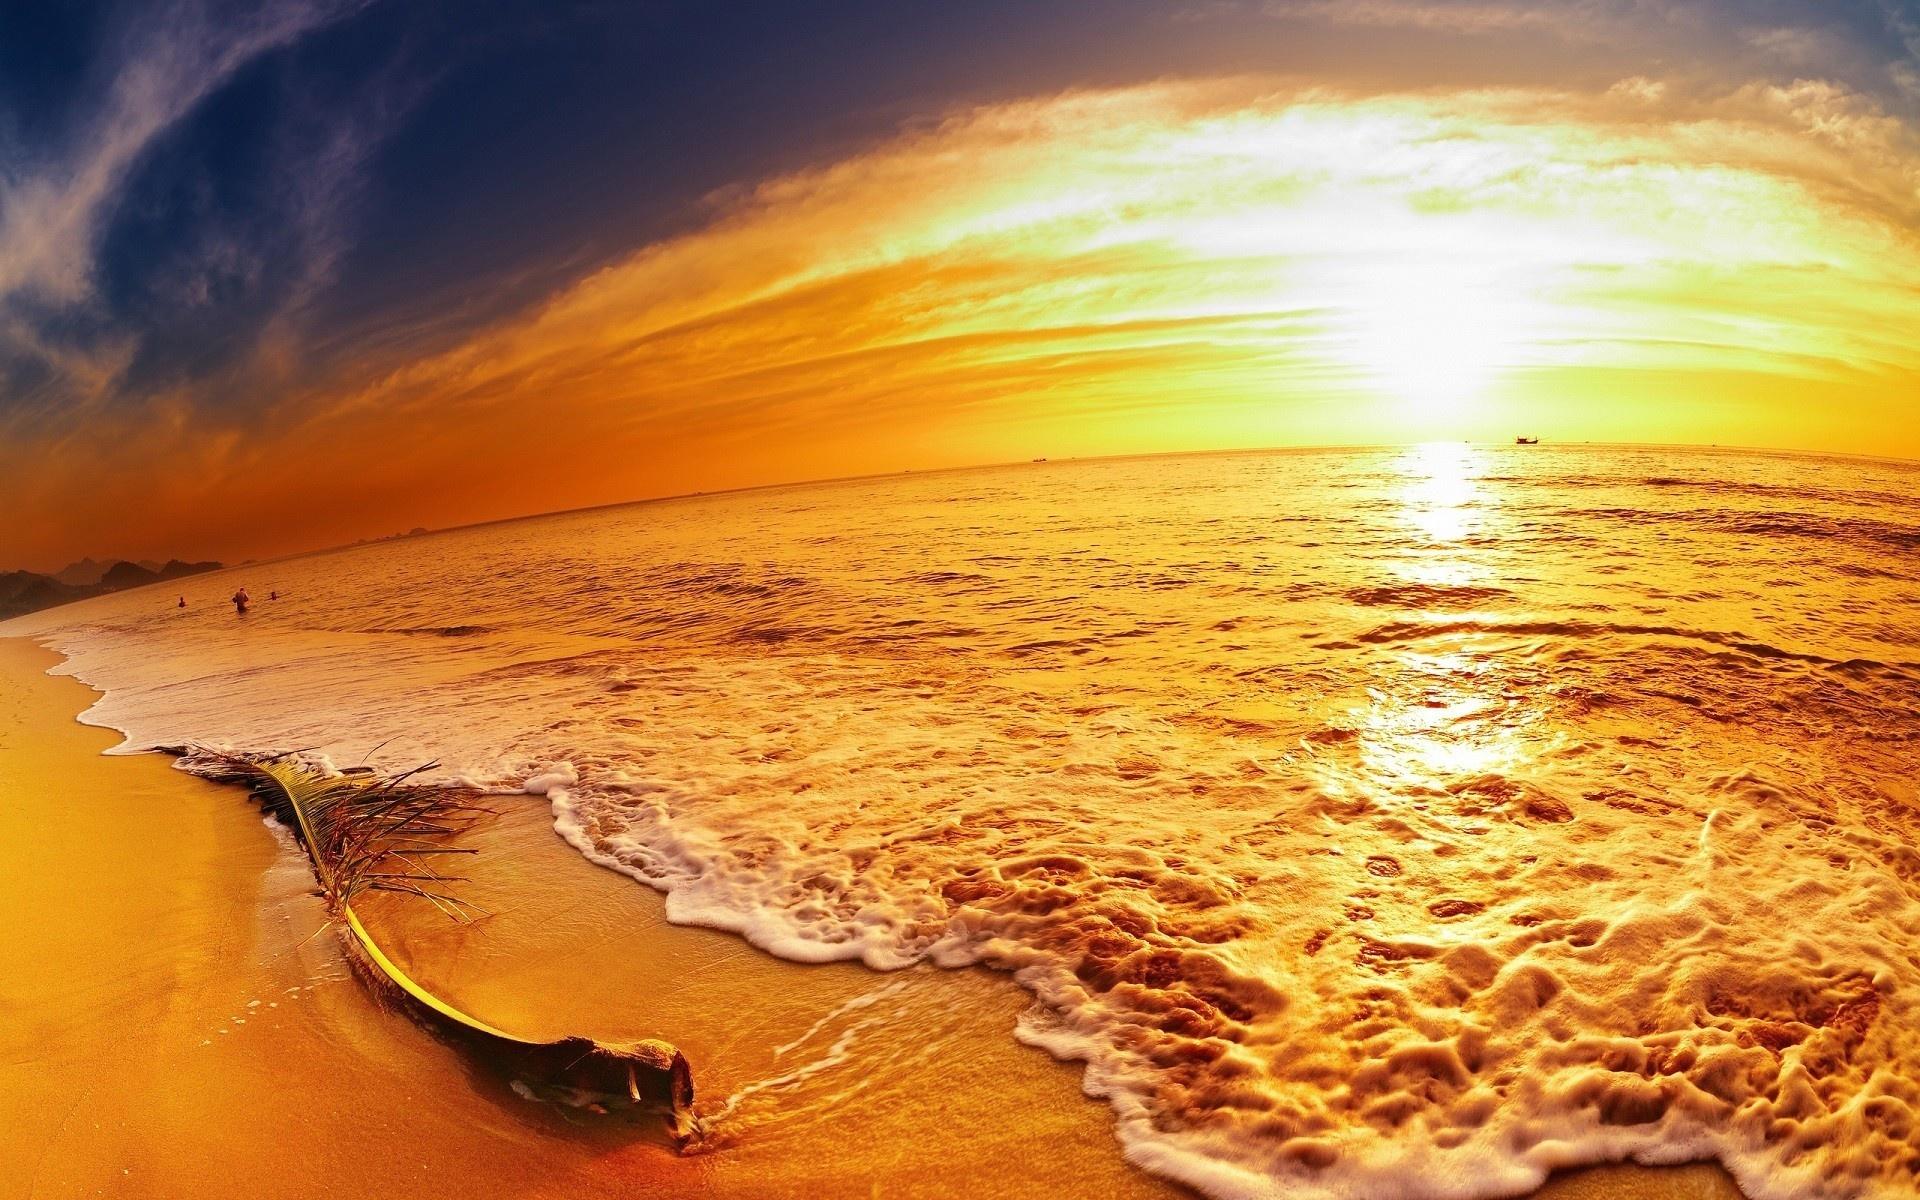 картинки теплого моря и яркого солнца недавно статья, что